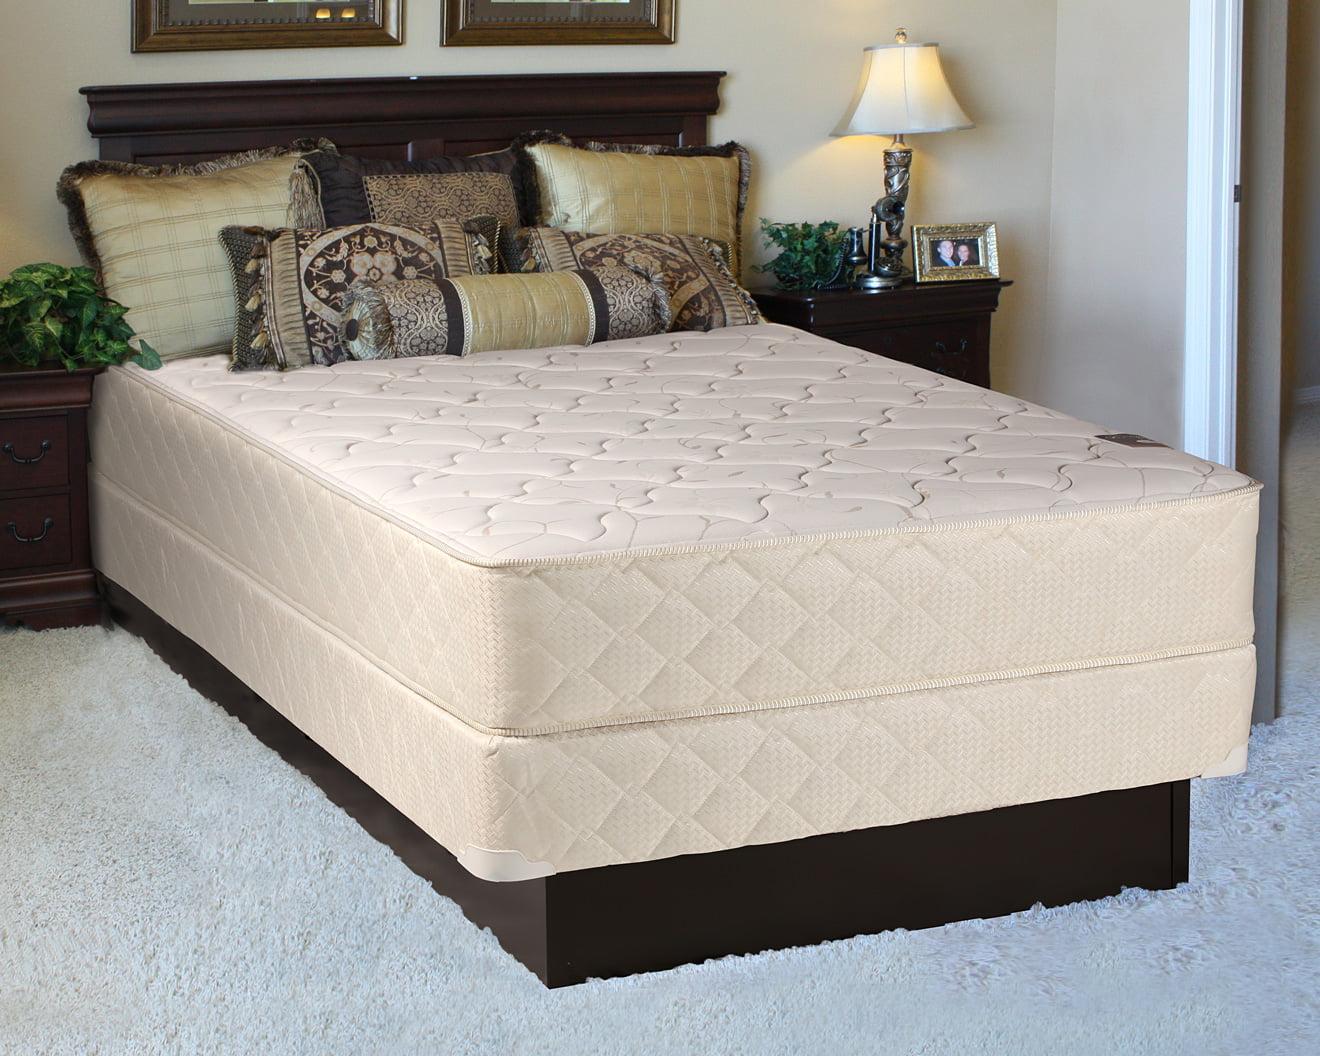 Dream Solutions Comfort Rest Gentle Firm Queen Size ...